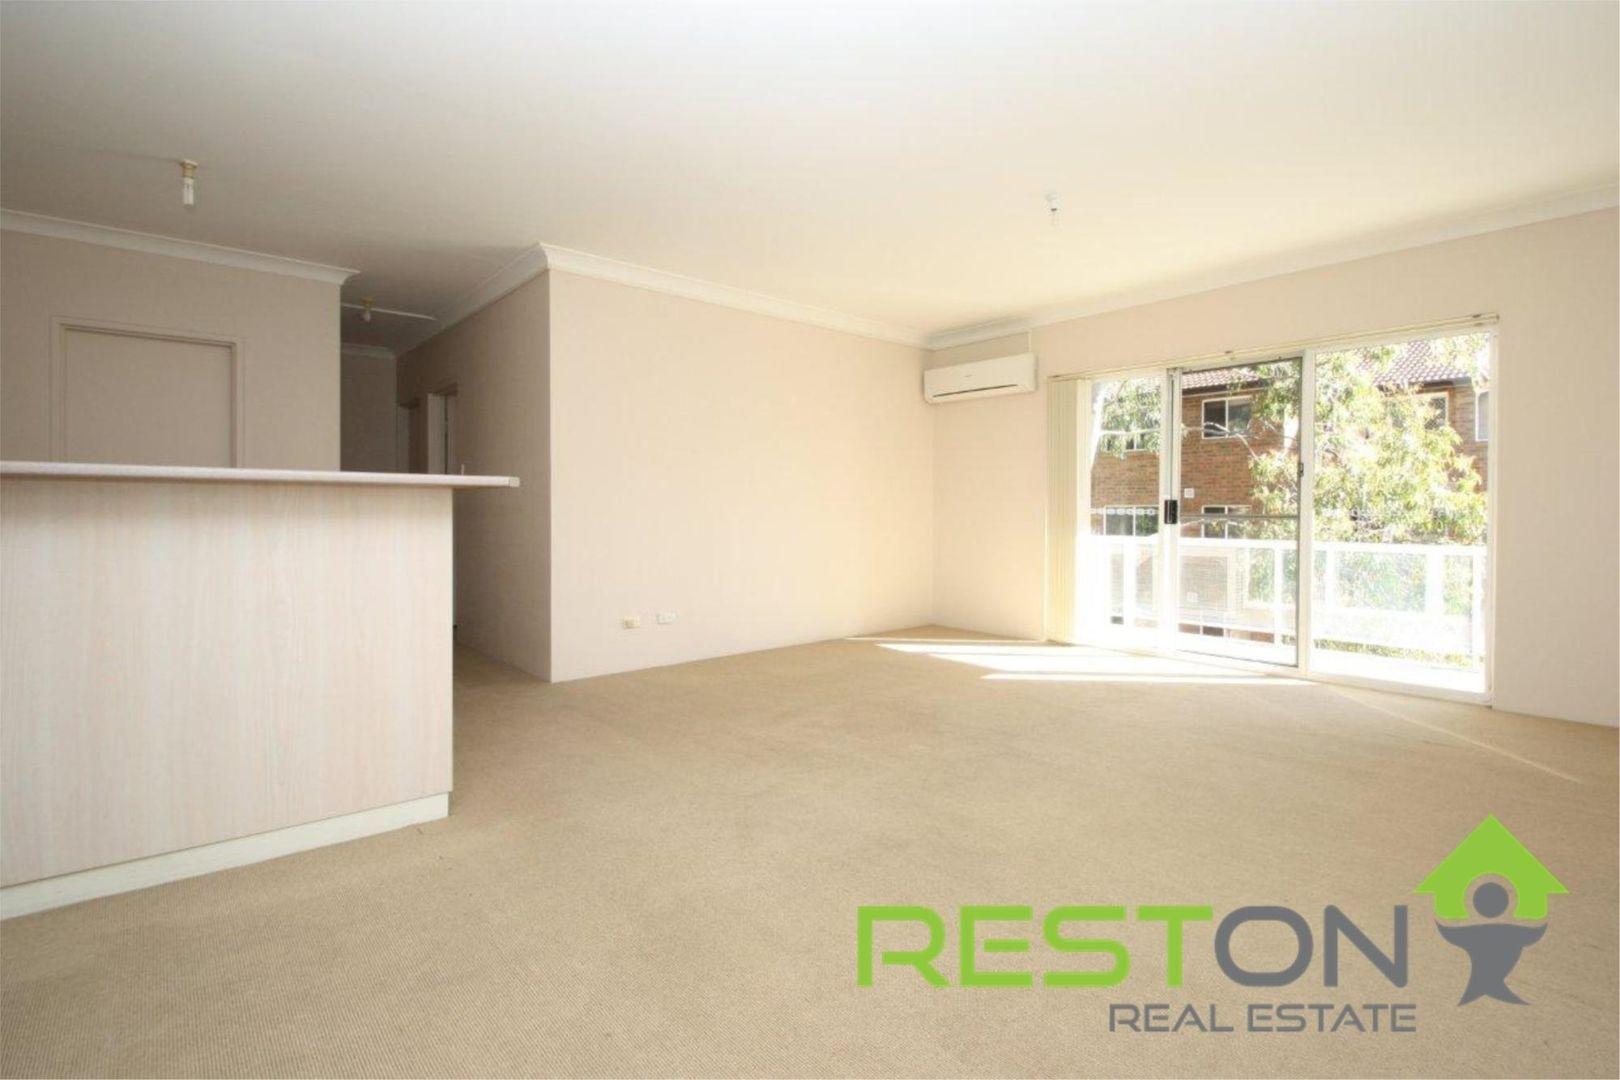 19/13-19 Devitt Street, Blacktown NSW 2148, Image 0